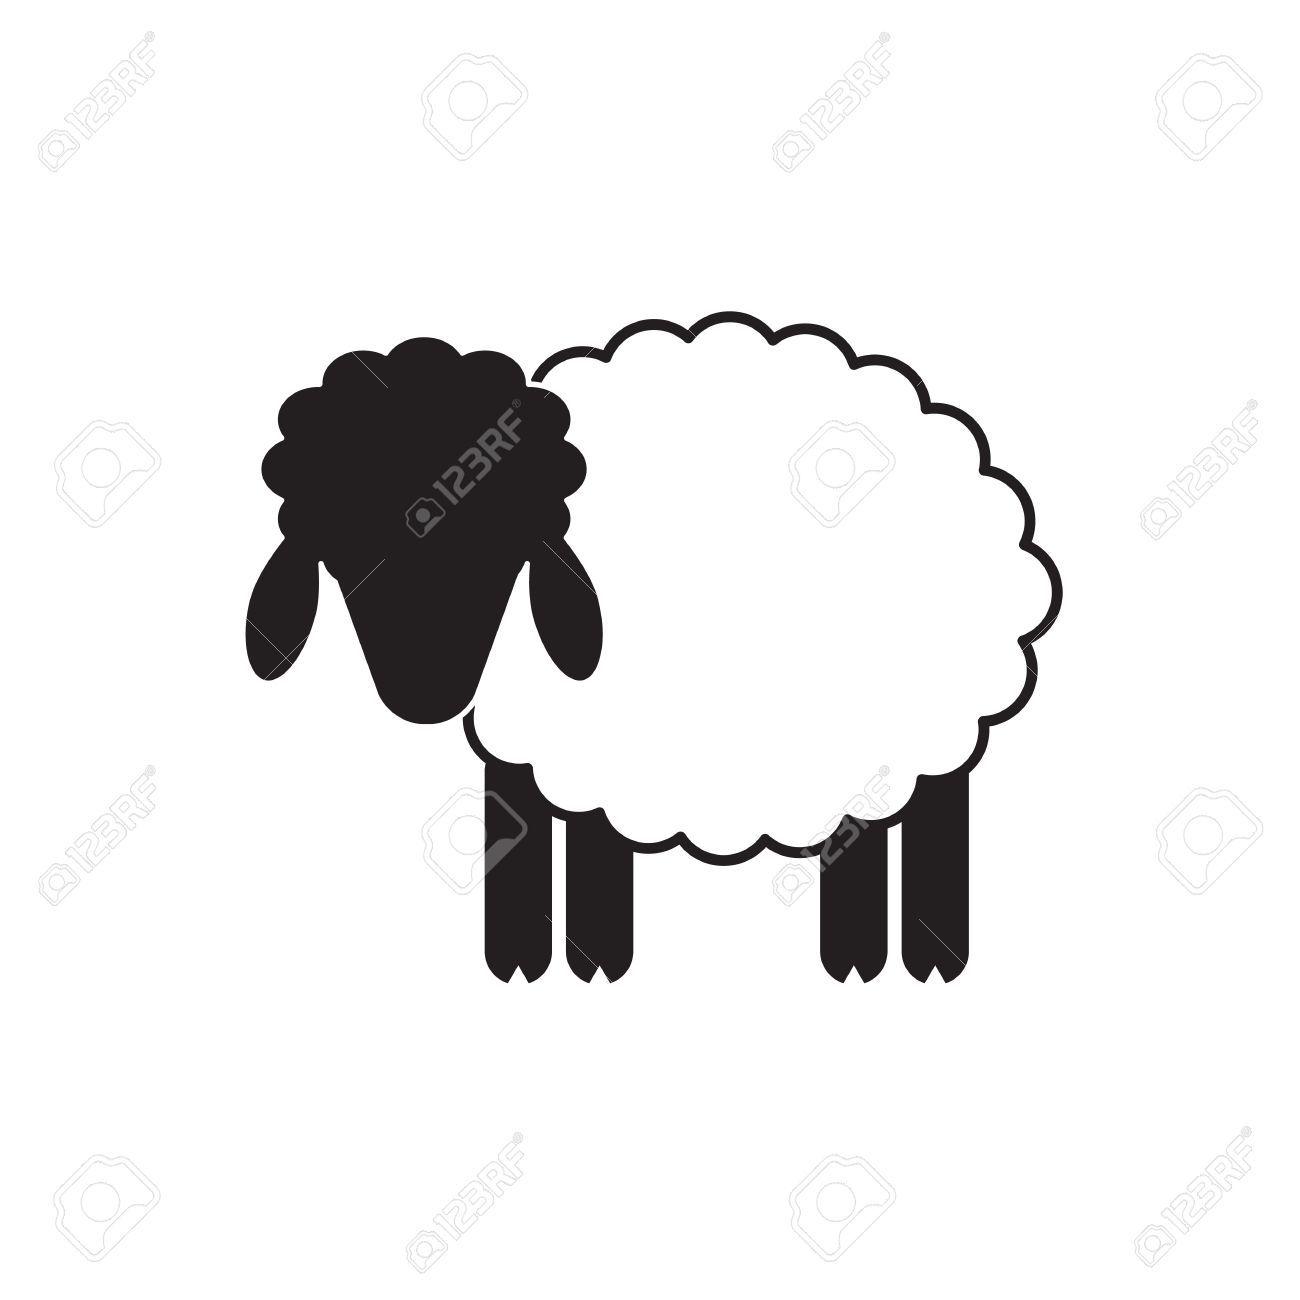 ovejas vector o icono de carnero, plantilla, pictograma. emblema ...